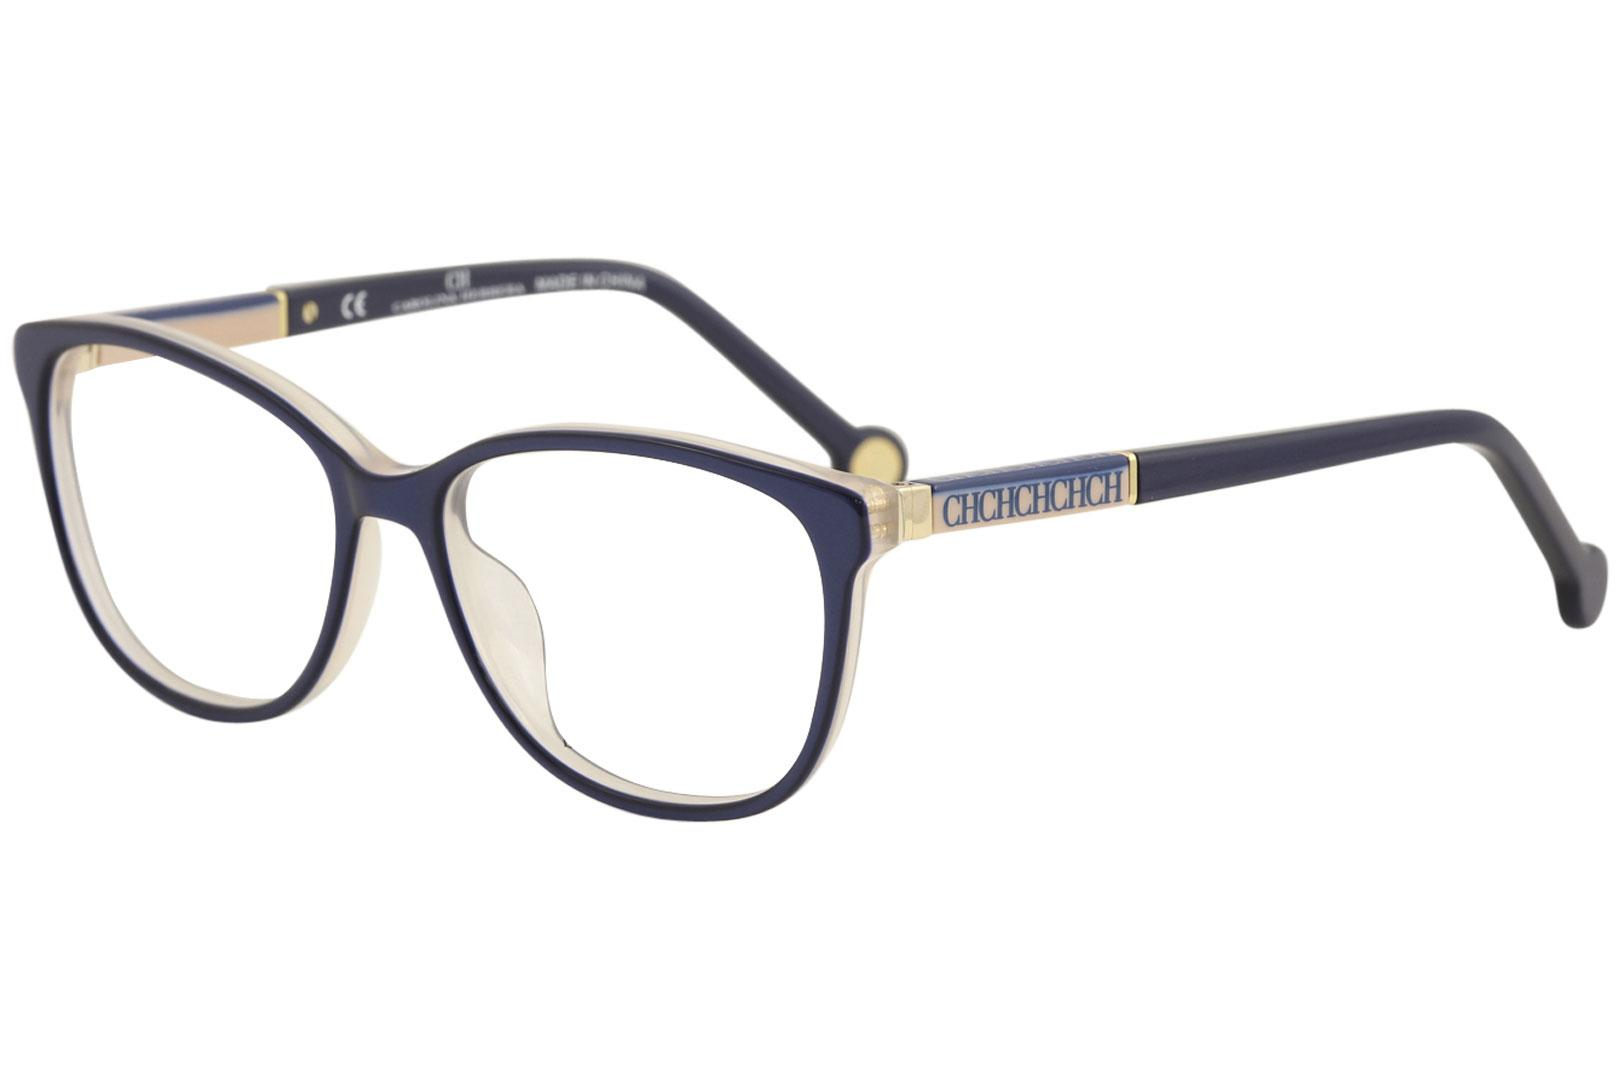 939d676e93b CH Carolina Herrera Women s Eyeglasses VHE734K VHE 734K Full Rim Optical  Frame